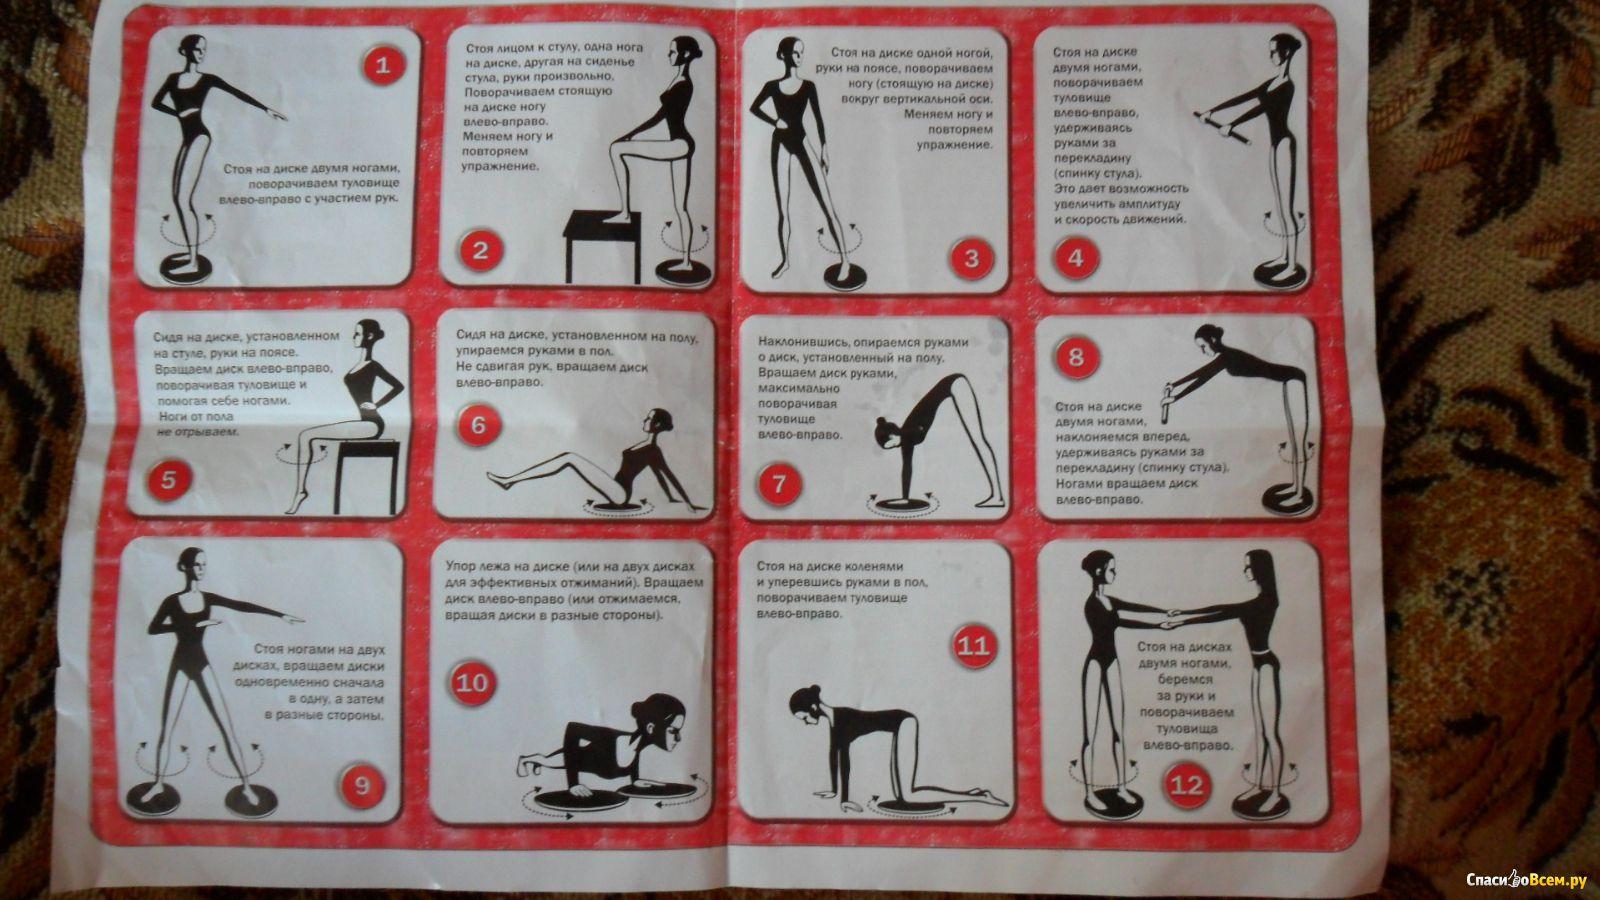 10 упражнений для похудения на крутящемся диске здоровья